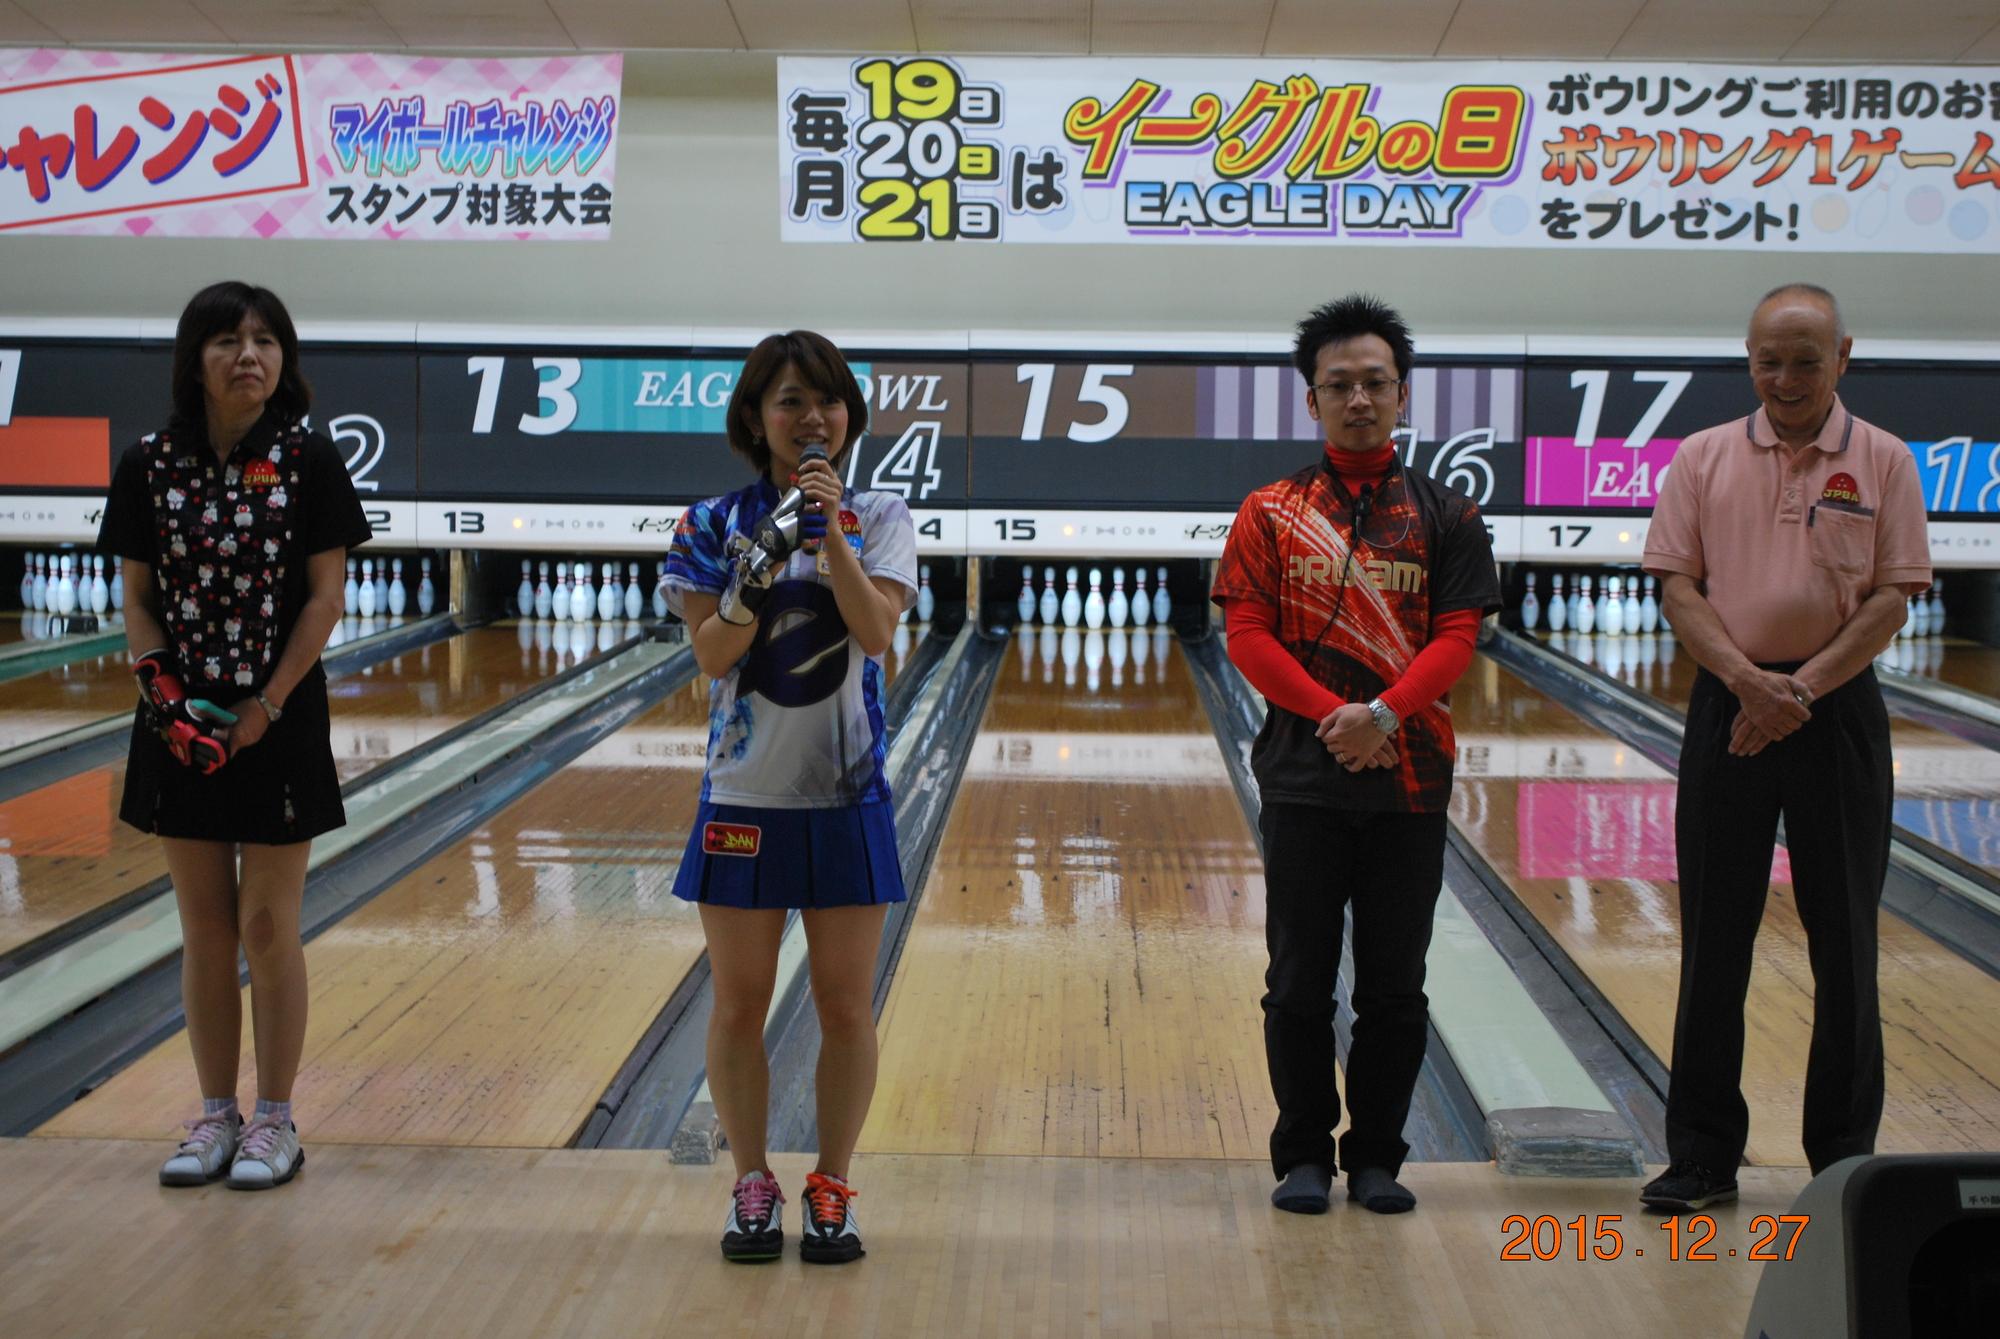 12/27 櫻井眞利子プロチャレンジ